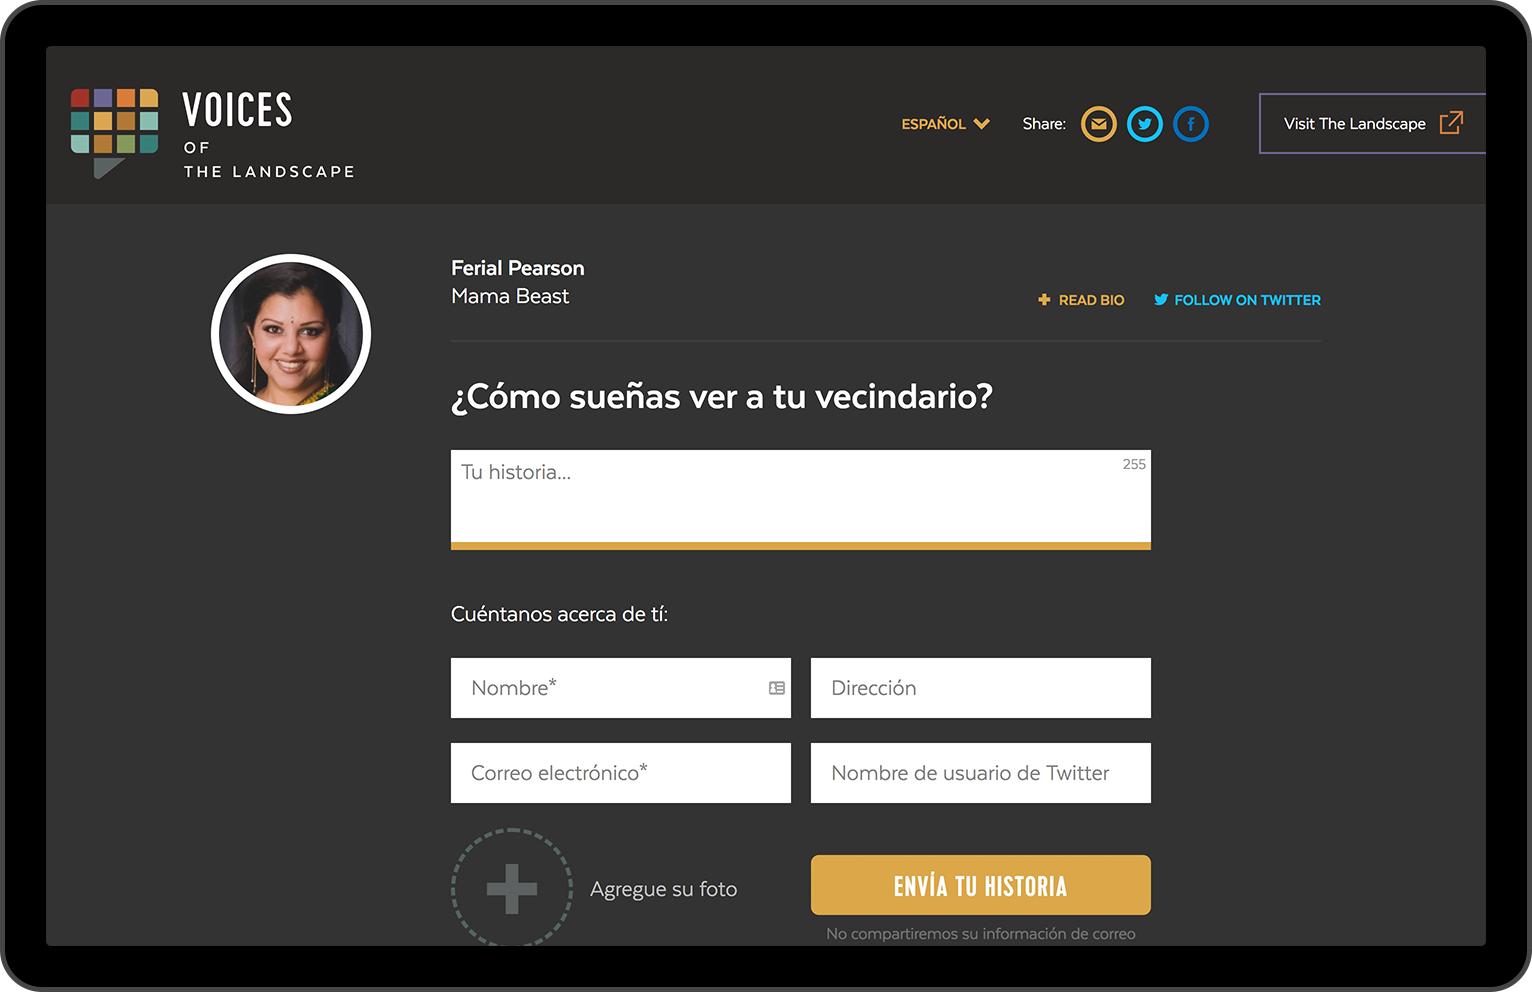 jkdc_voices-desktop-spanish.png